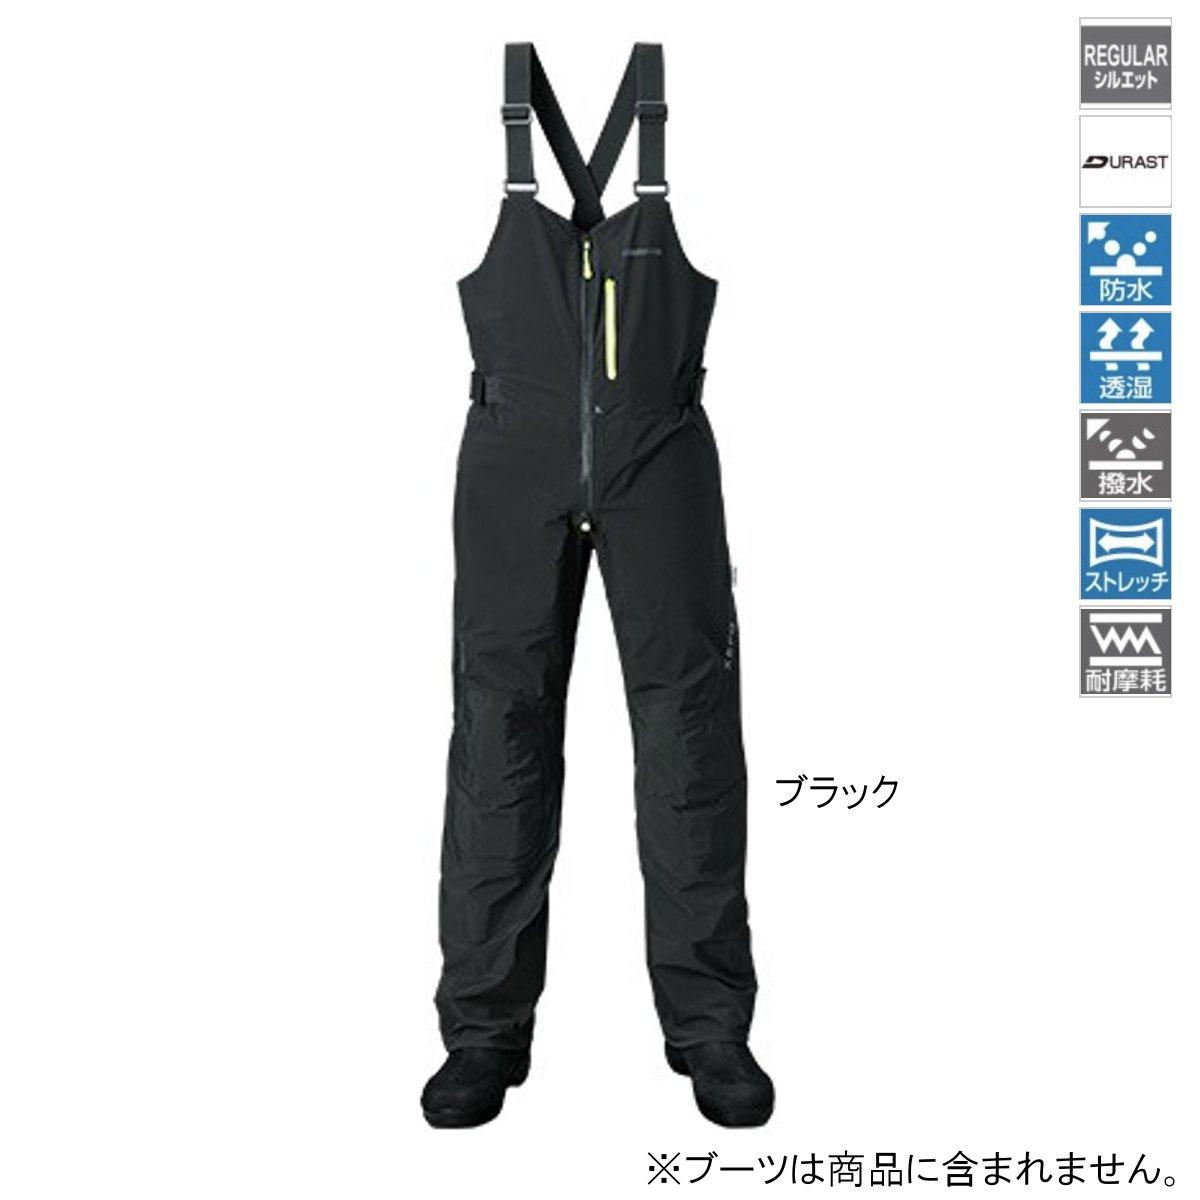 【コンビニ受取対応商品】 シマノ XEFO 2XL RA-26PS・DURASTレインビブ RA-26PS シマノ 2XL ブラック(東日本店), DF TOKYO:d6a66f99 --- business.personalco5.dominiotemporario.com